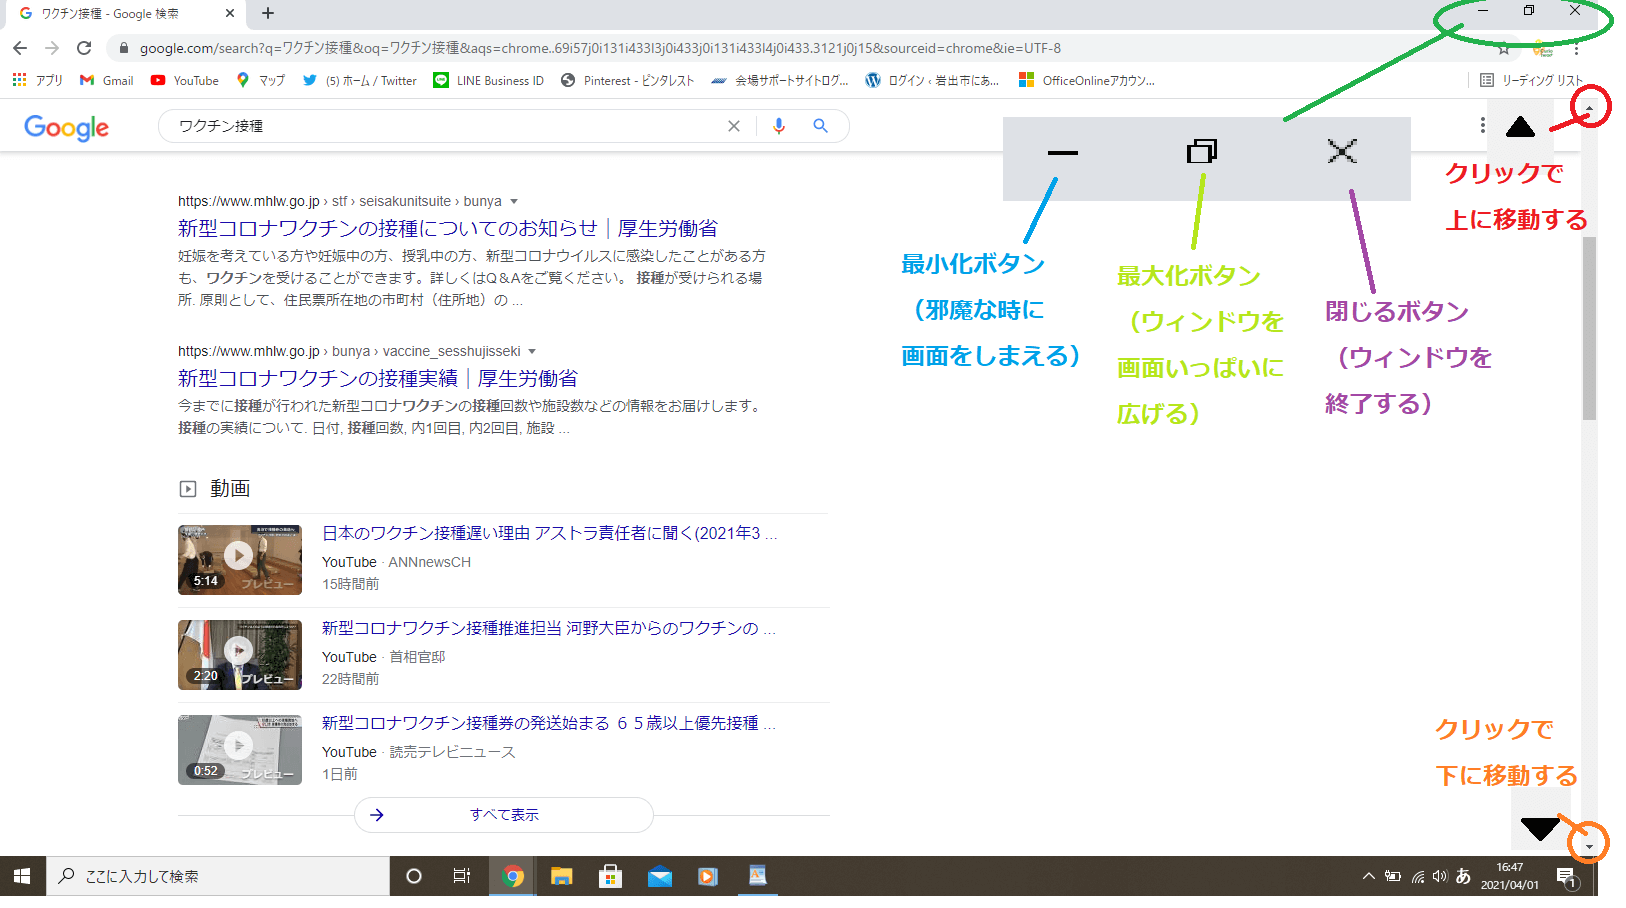 ウィンドウの操作方法説明画像